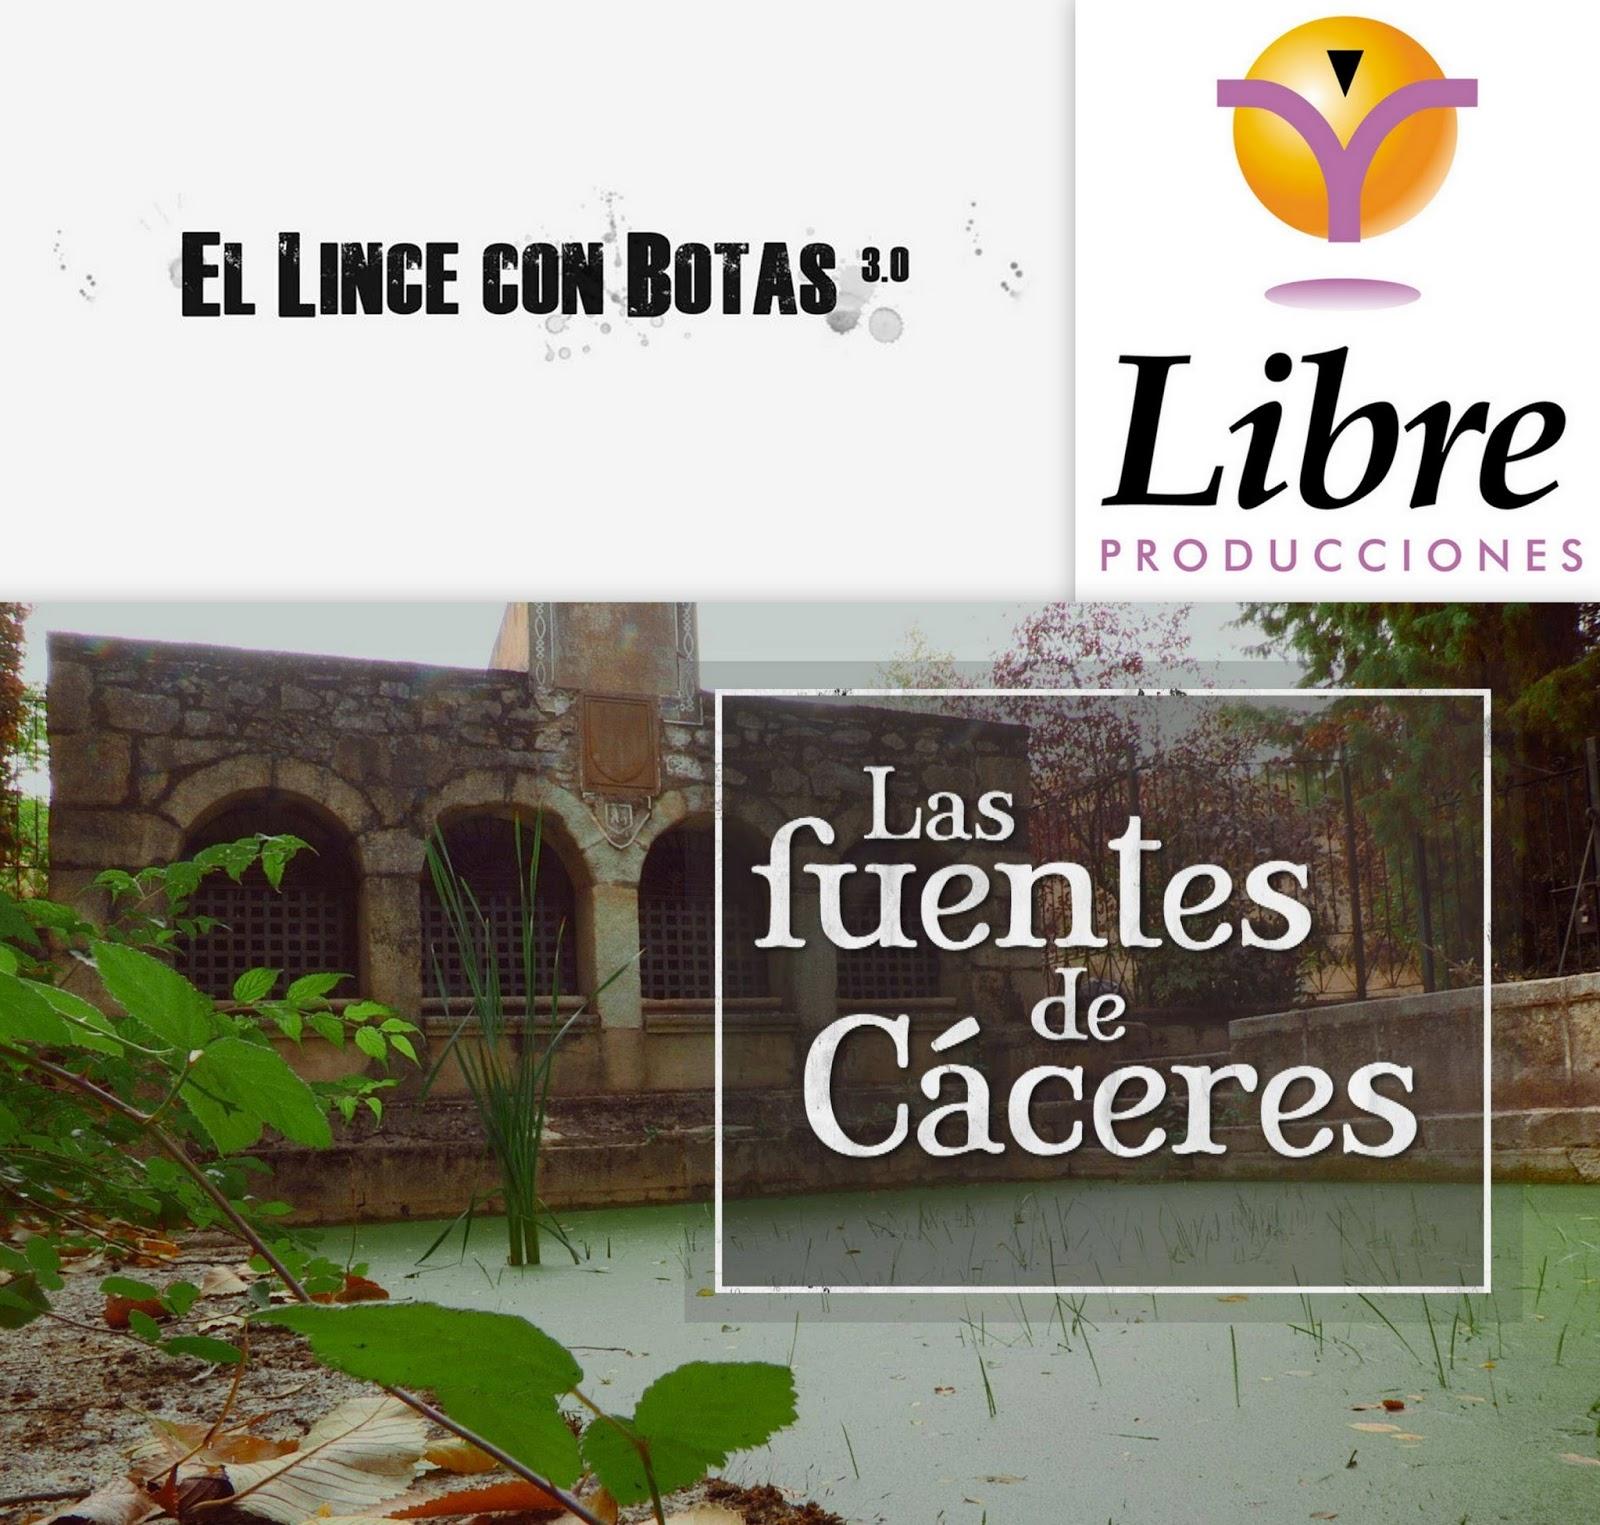 El lince con botas 3.0: Las fuentes de Cáceres